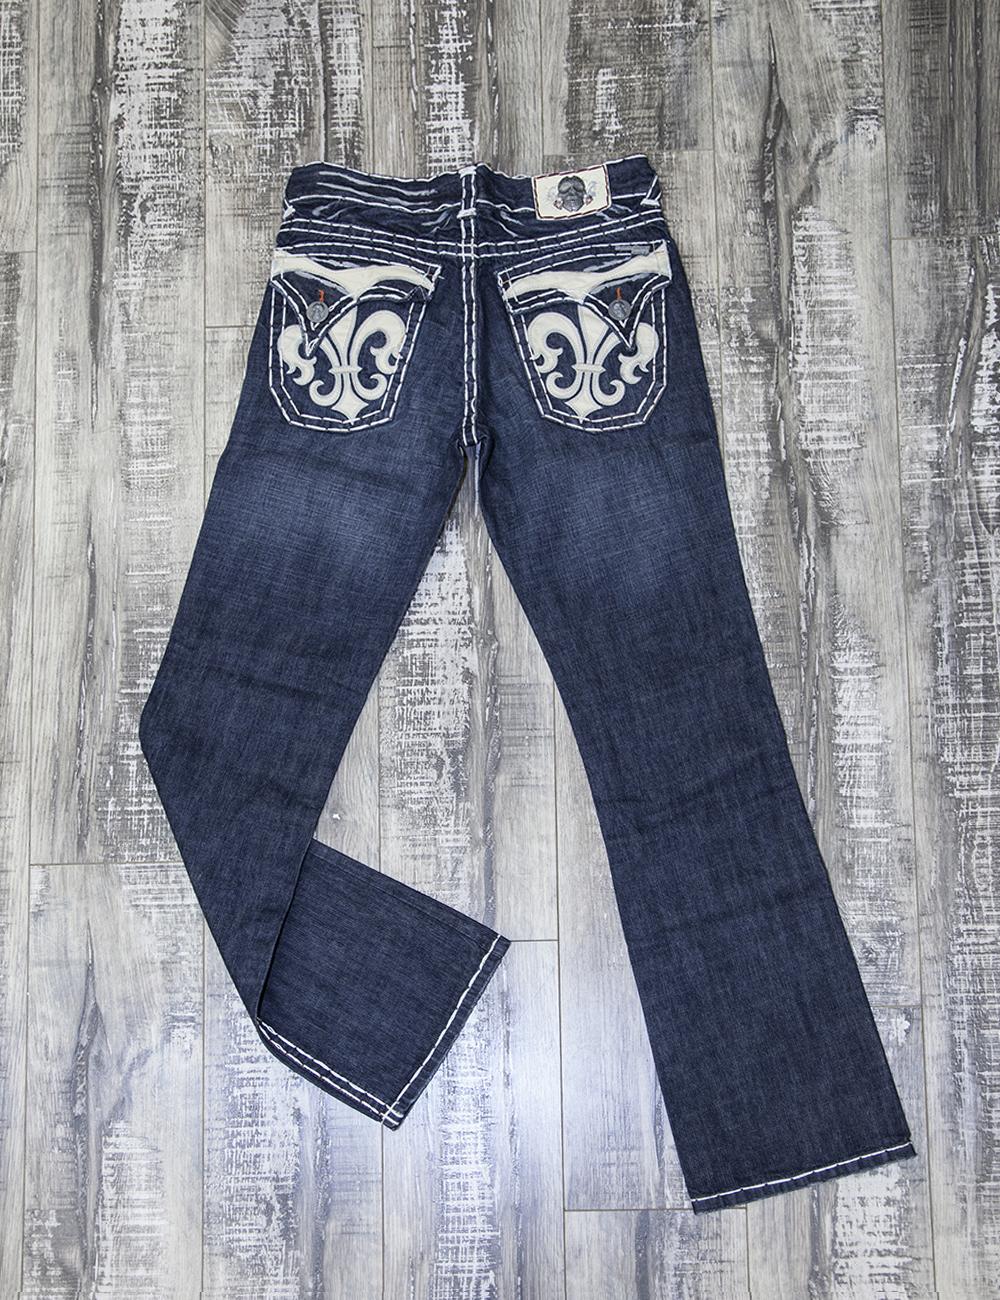 вернуть джинсы в магазин порвались